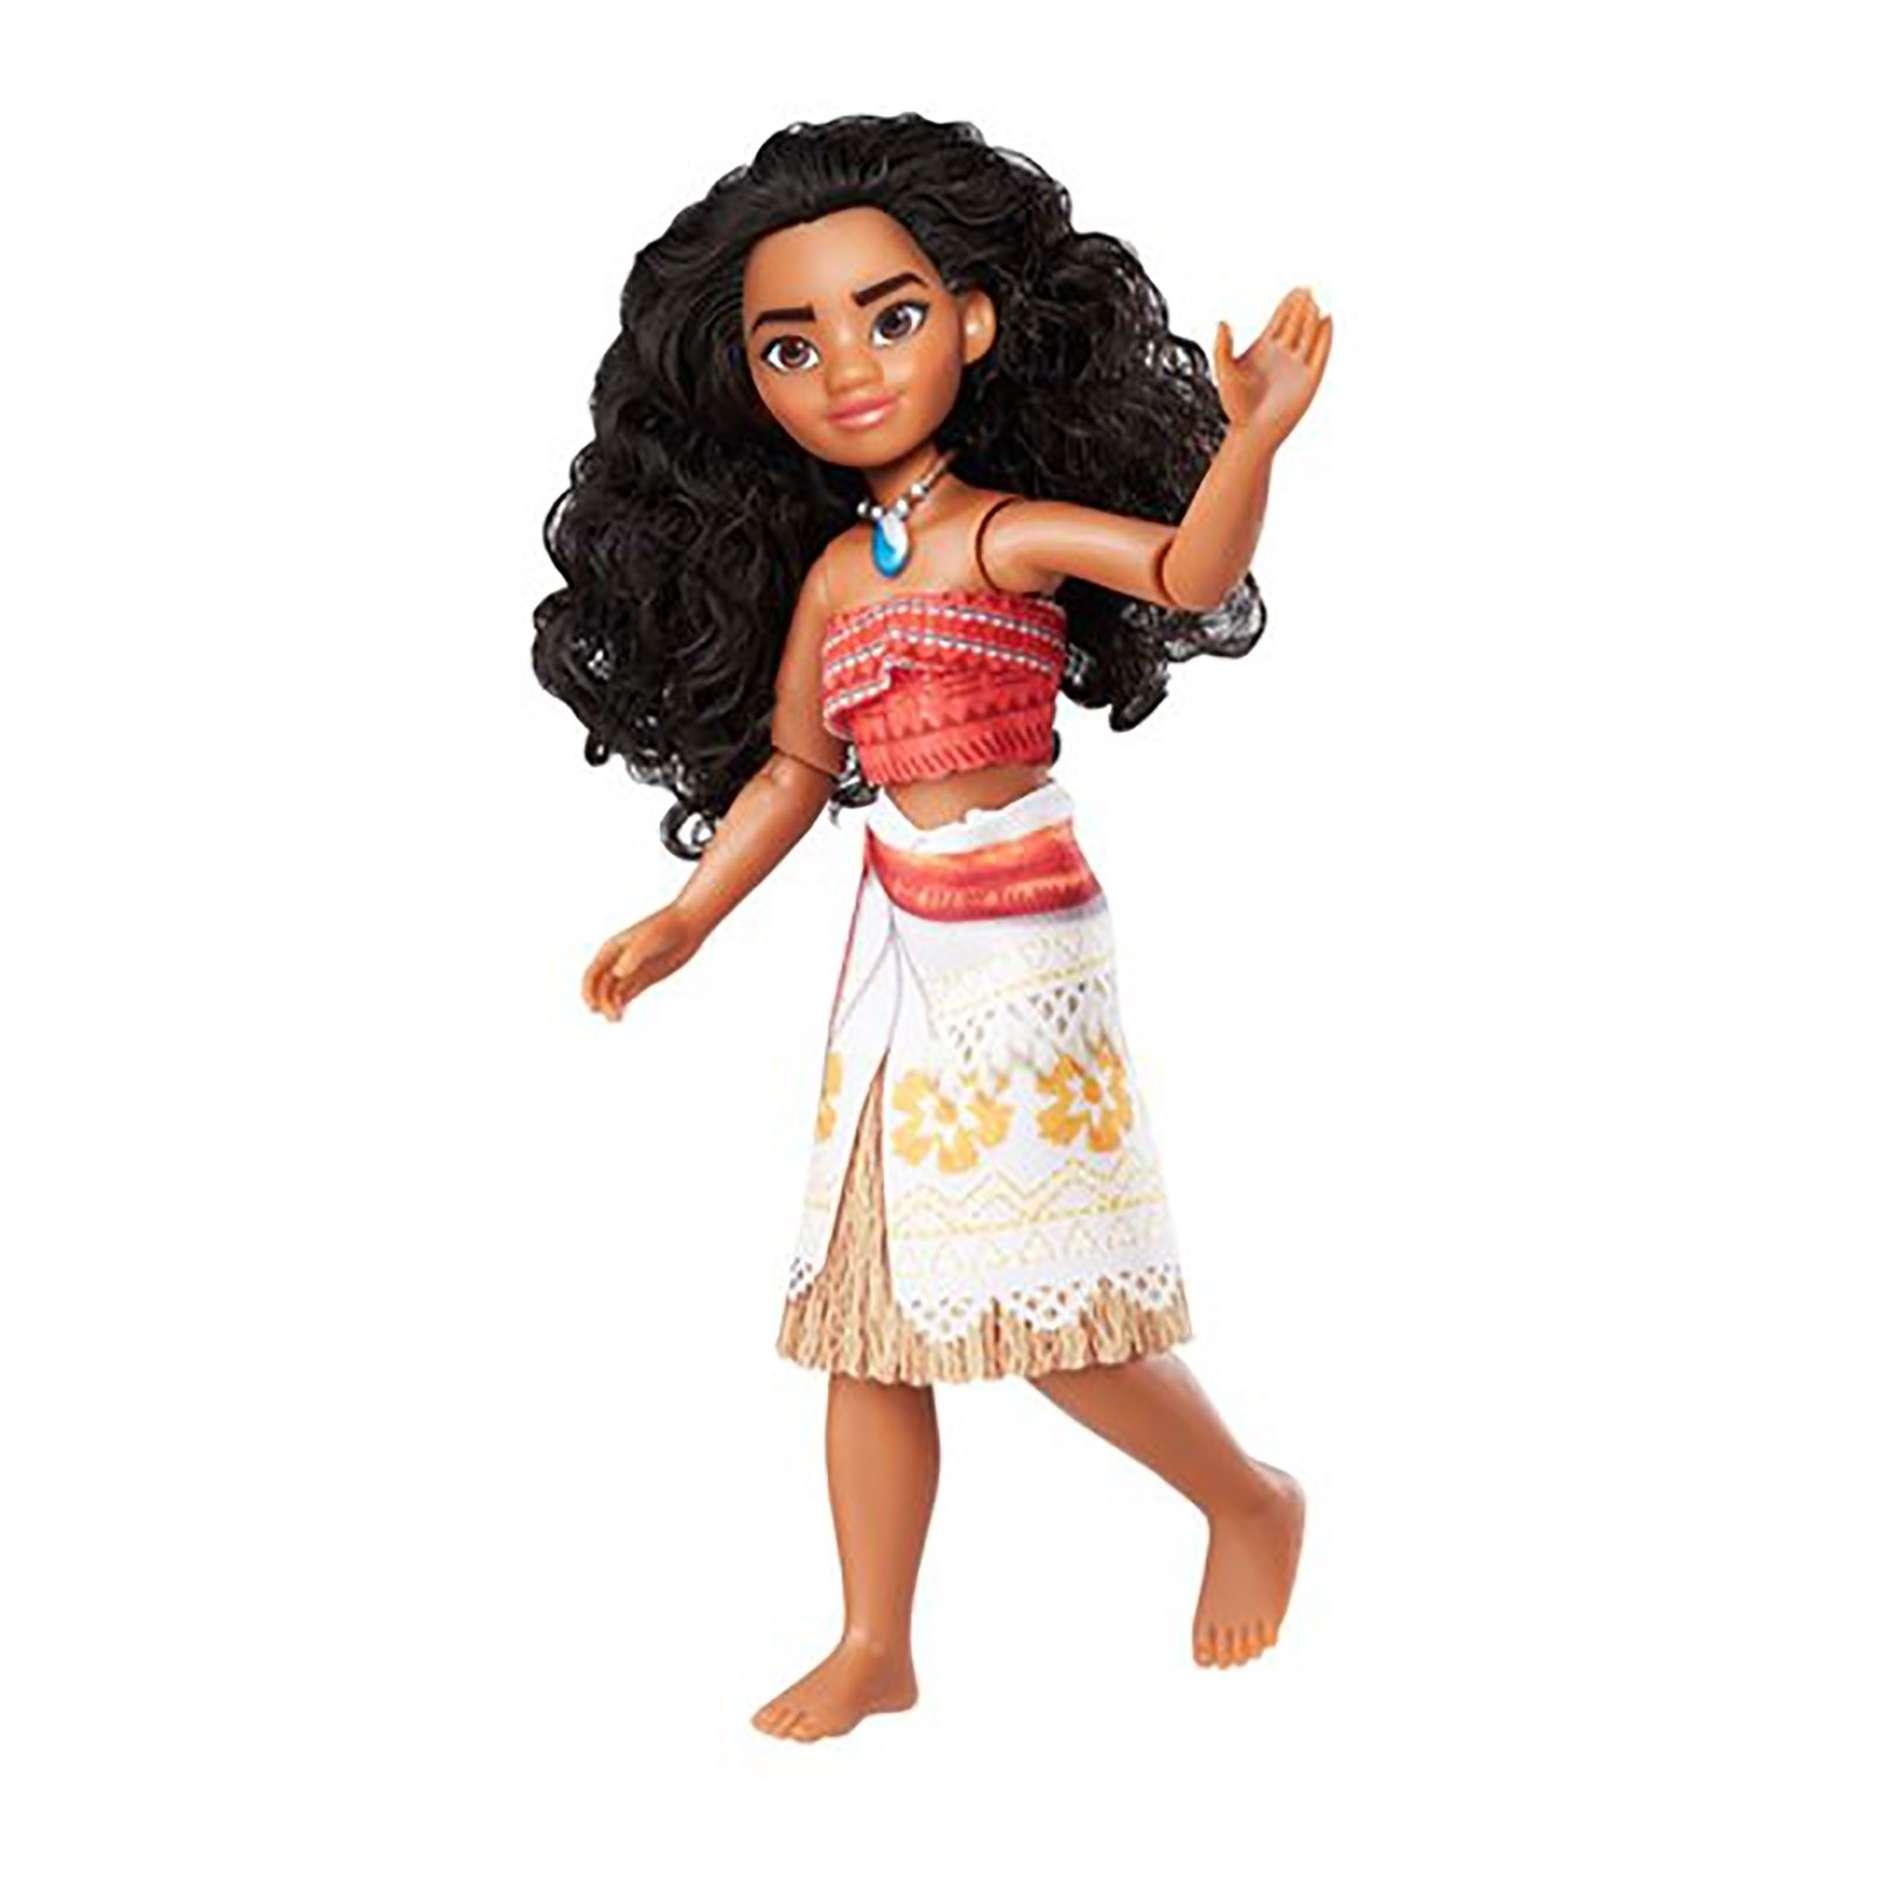 Doll: Moana - Moana of Oceania Adventure Photo